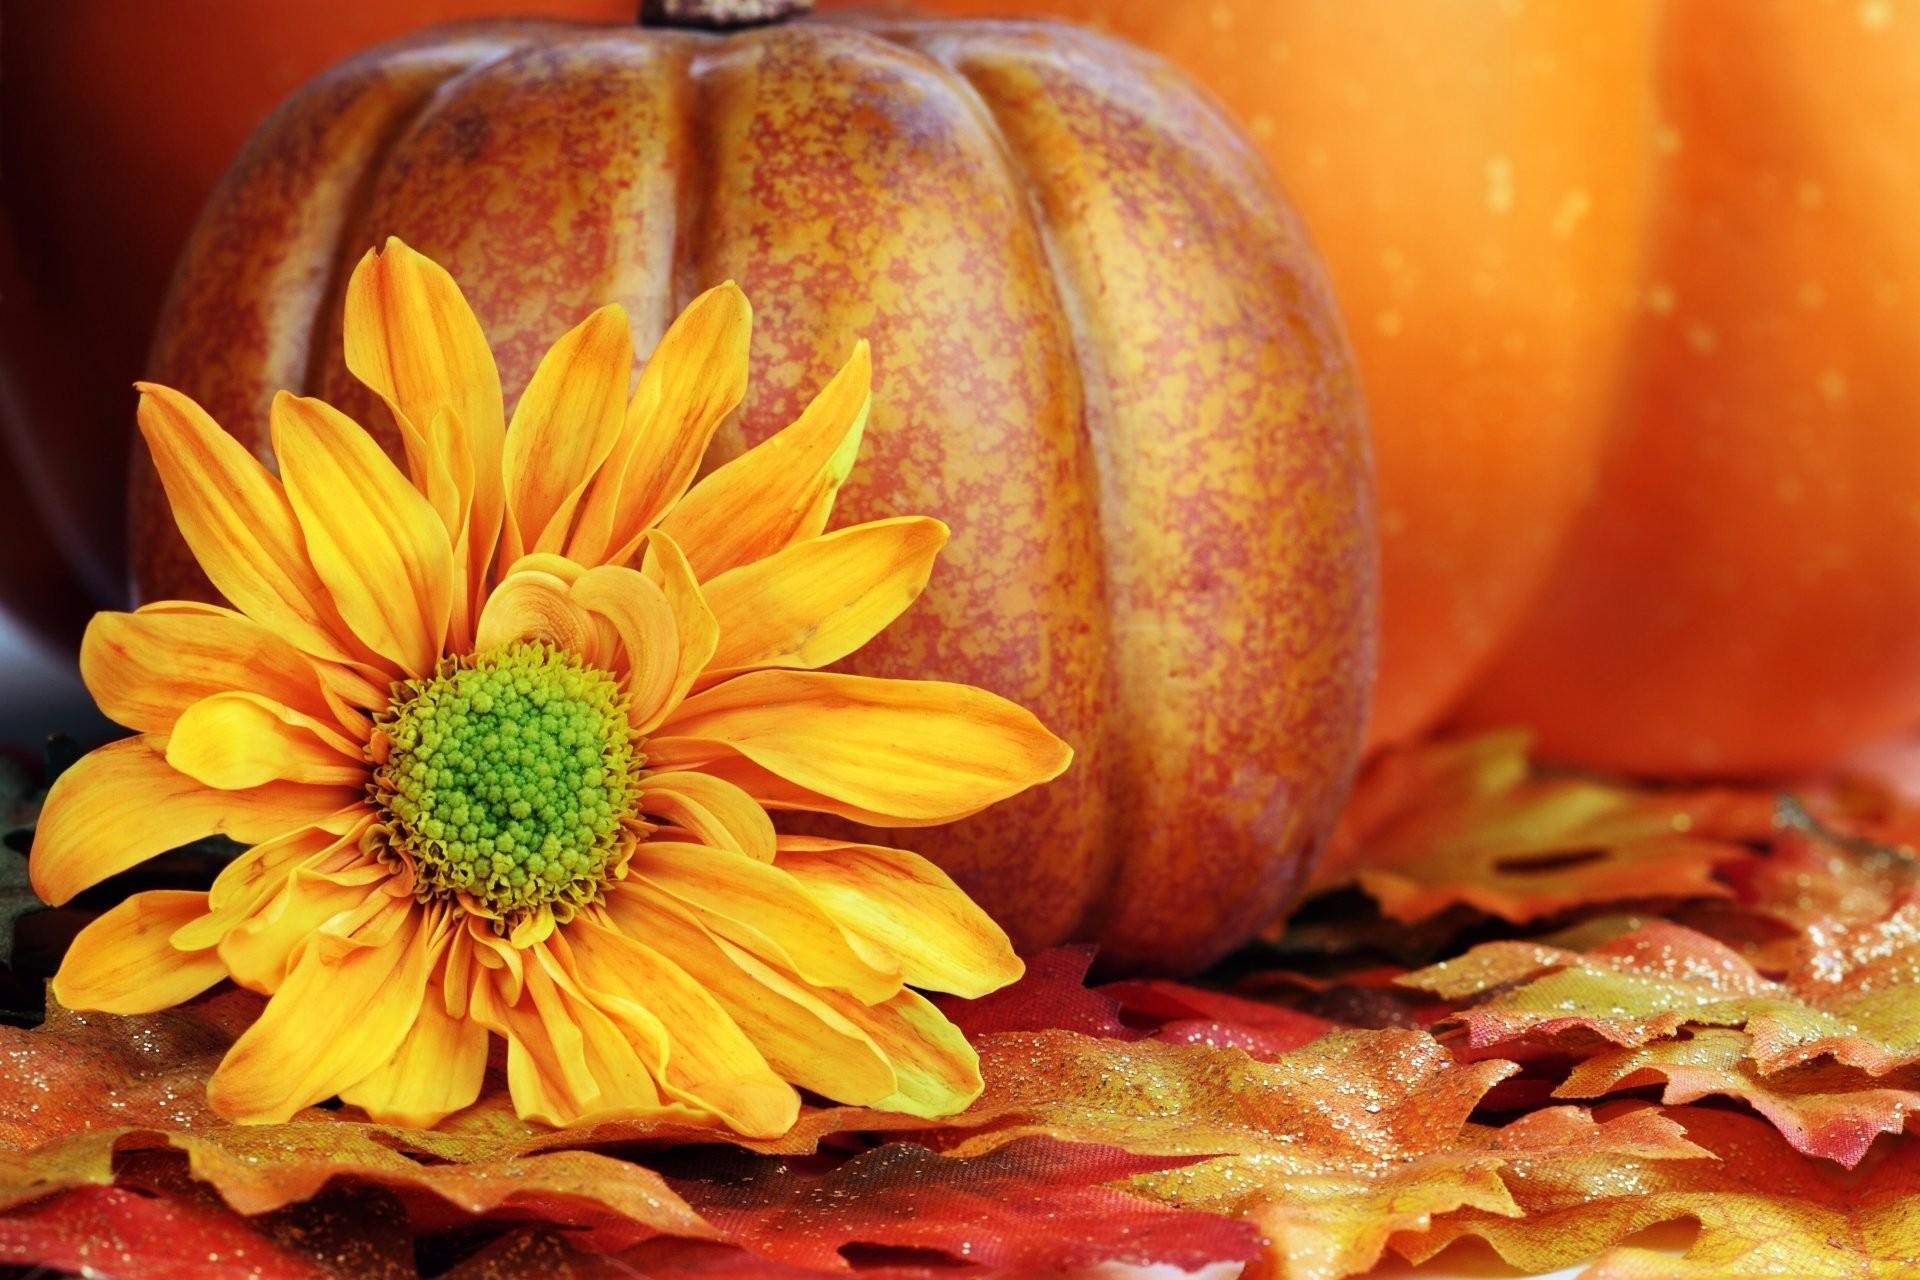 autumn pumpkin wallpaper total -#main